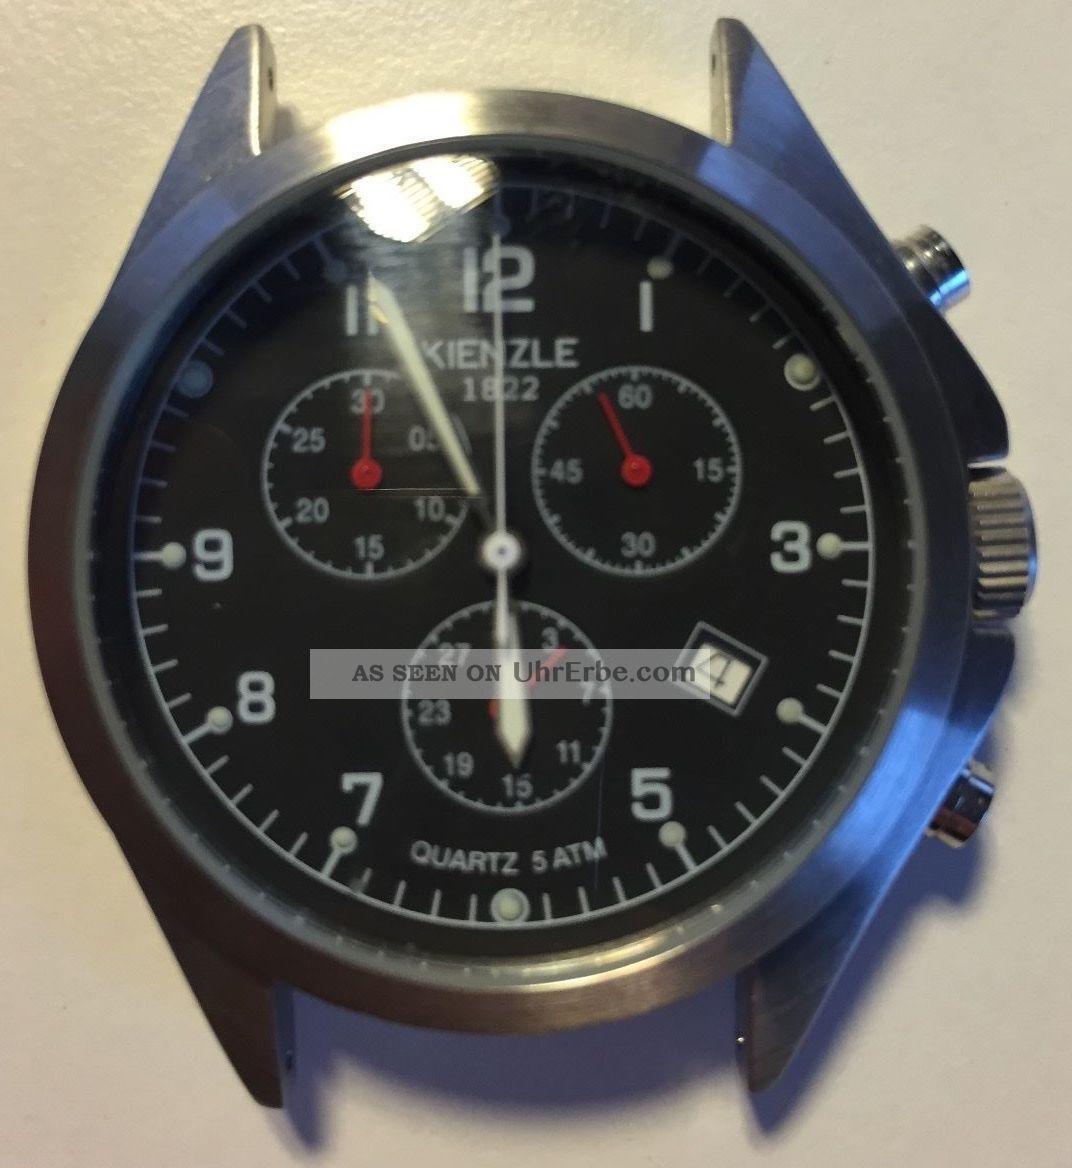 Kienzle Choronograph Armbanduhr,  Ohne Batterie Ohne Armband, Armbanduhren Bild